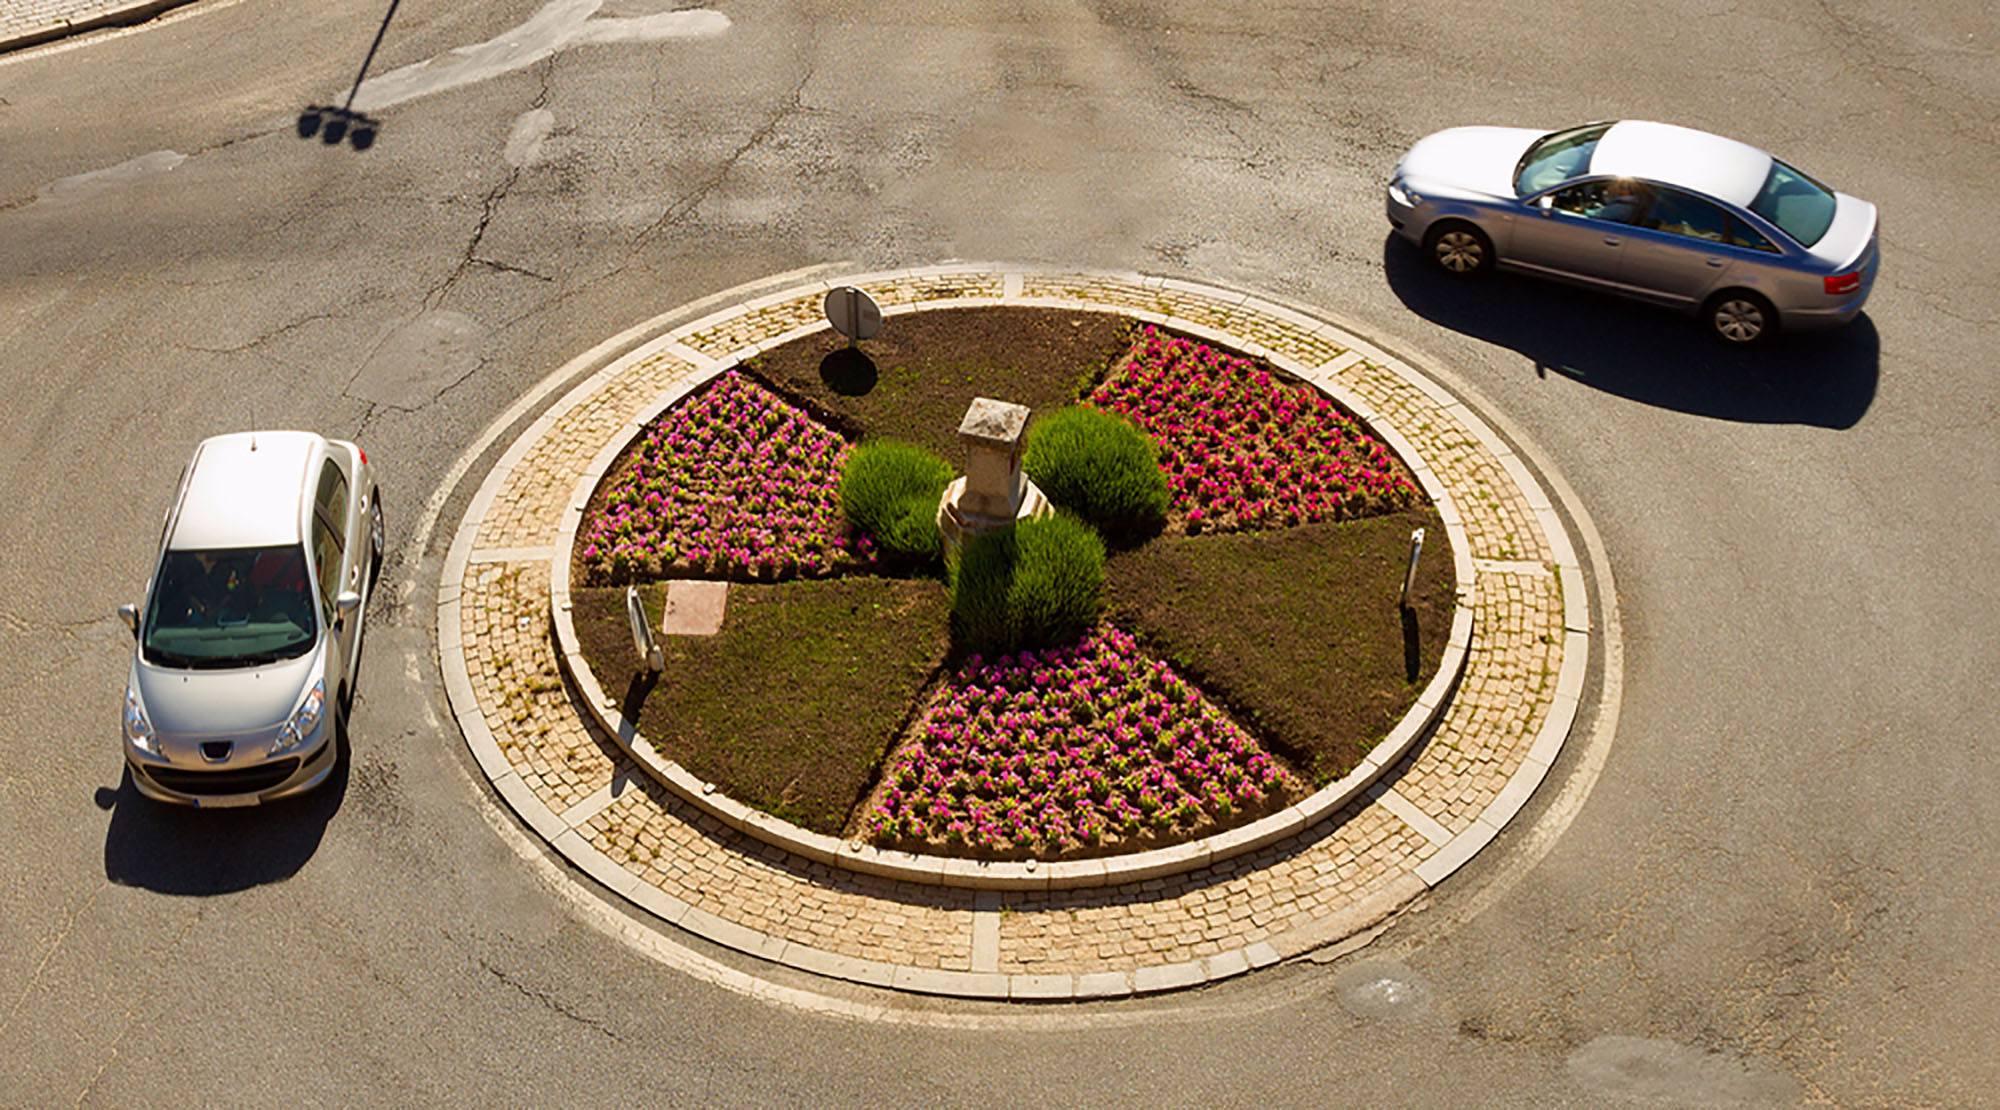 Traffic circle roundabout (nacroba/Shutterstock)